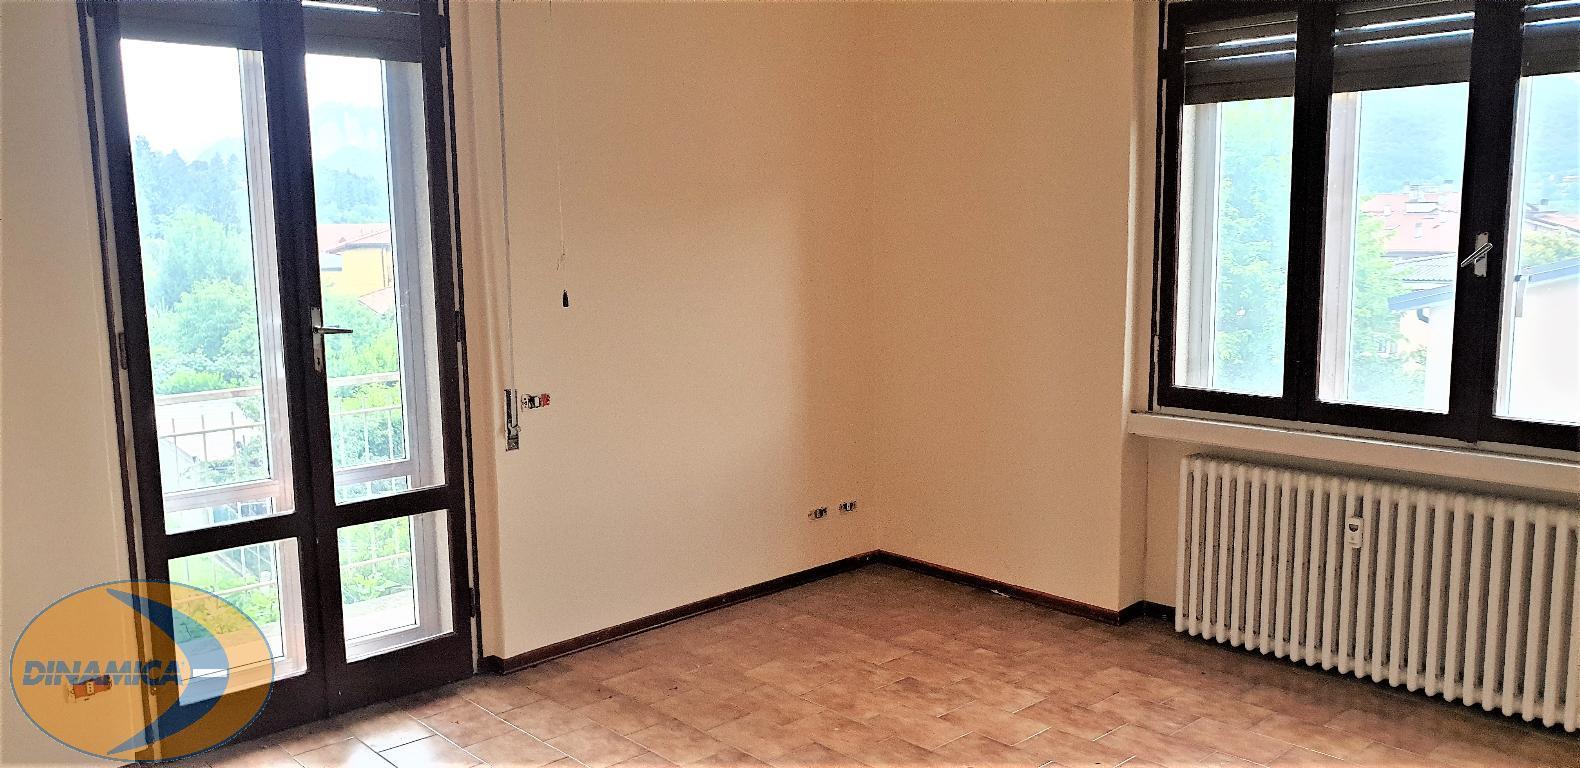 Appartamento in vendita a Brivio, 3 locali, zona Località: Centro, prezzo € 114.000 | CambioCasa.it